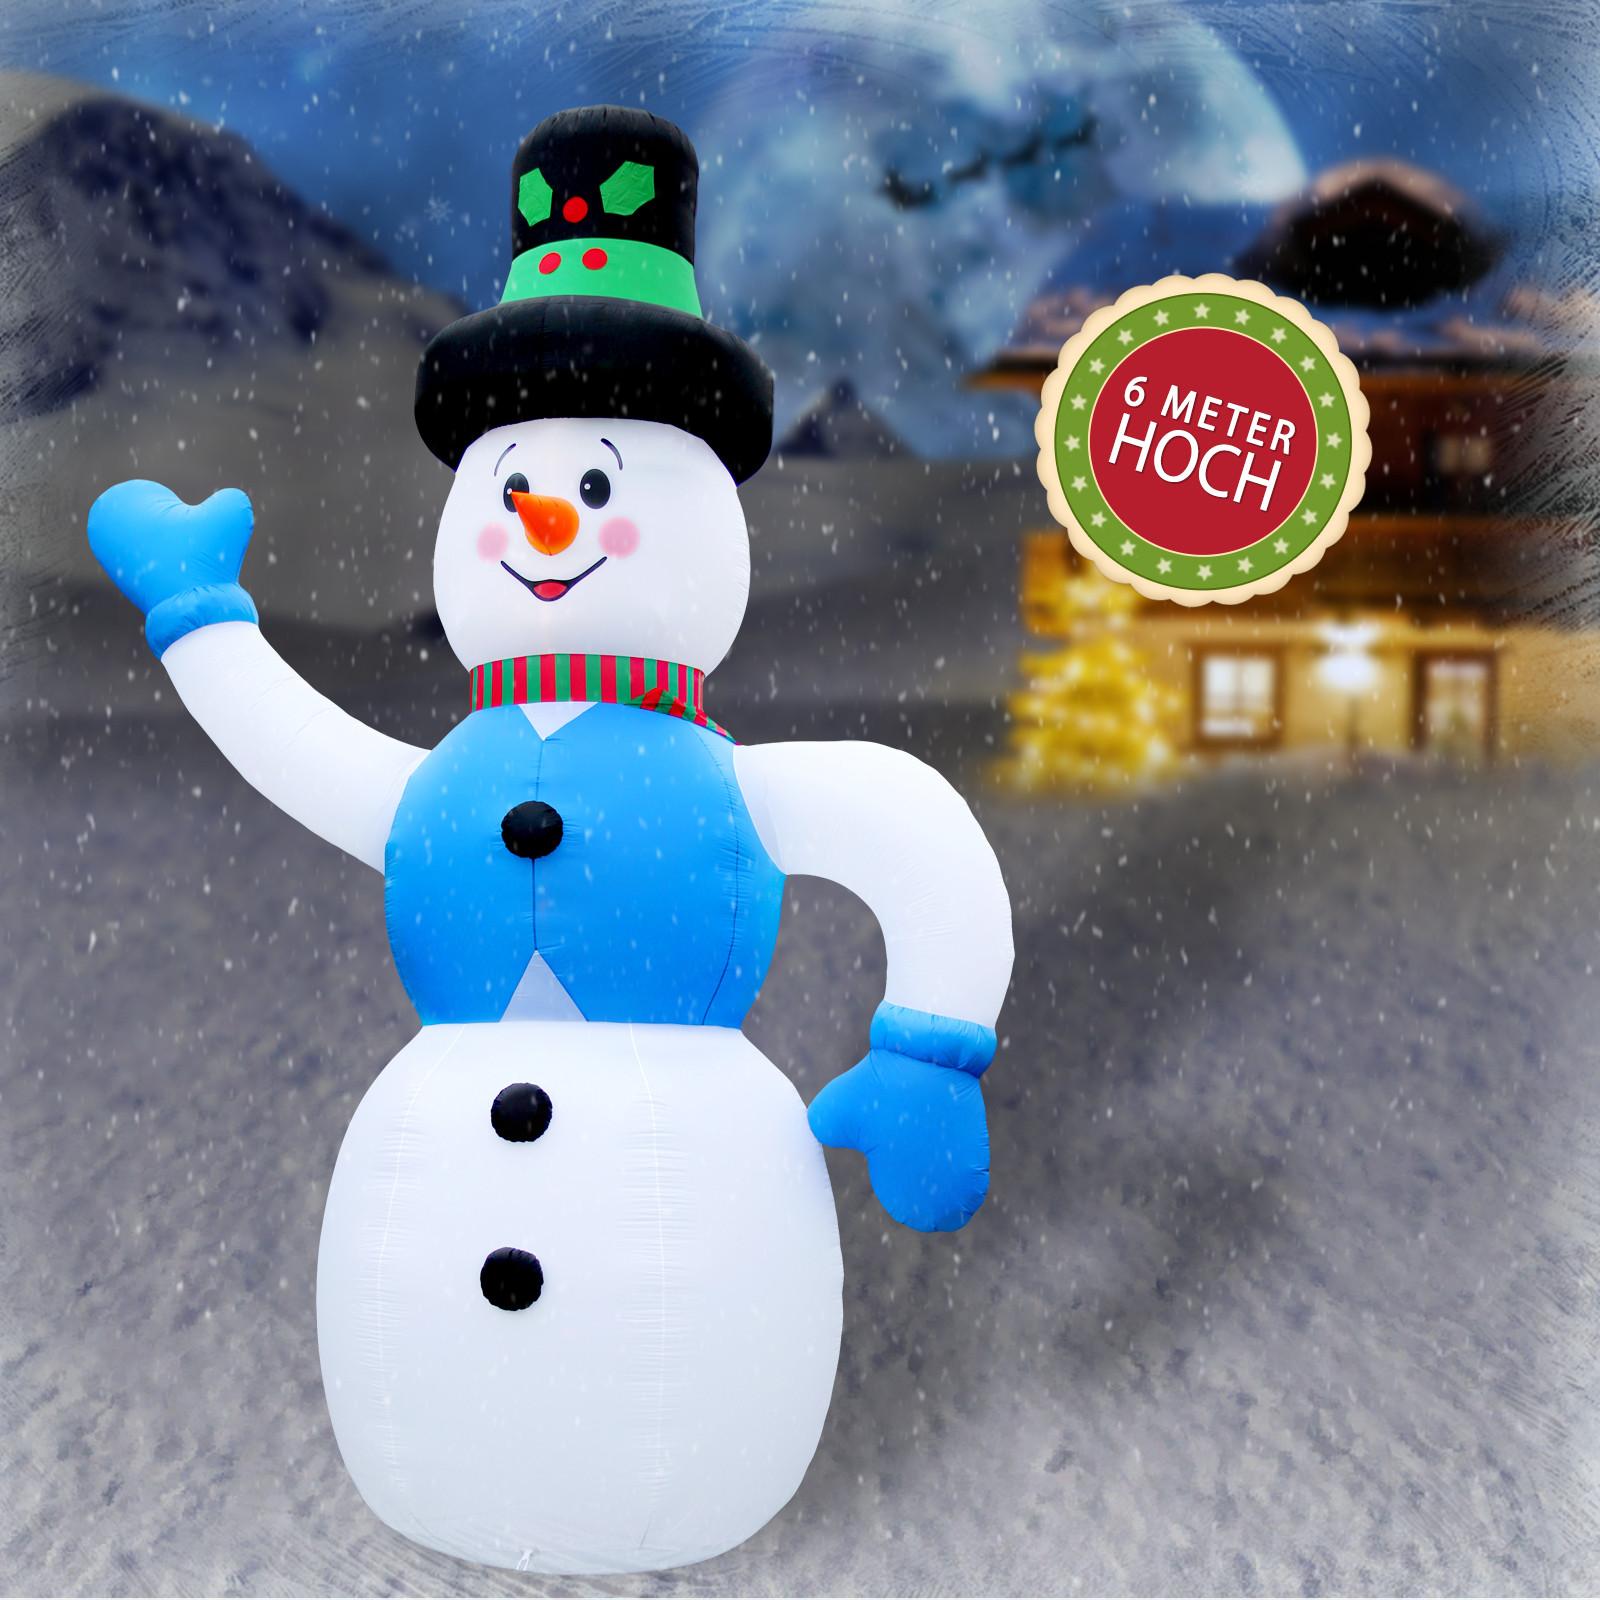 weihnachtsdeko xxl 6 meter schneemann inflatable mit beleuchtung dekoration. Black Bedroom Furniture Sets. Home Design Ideas